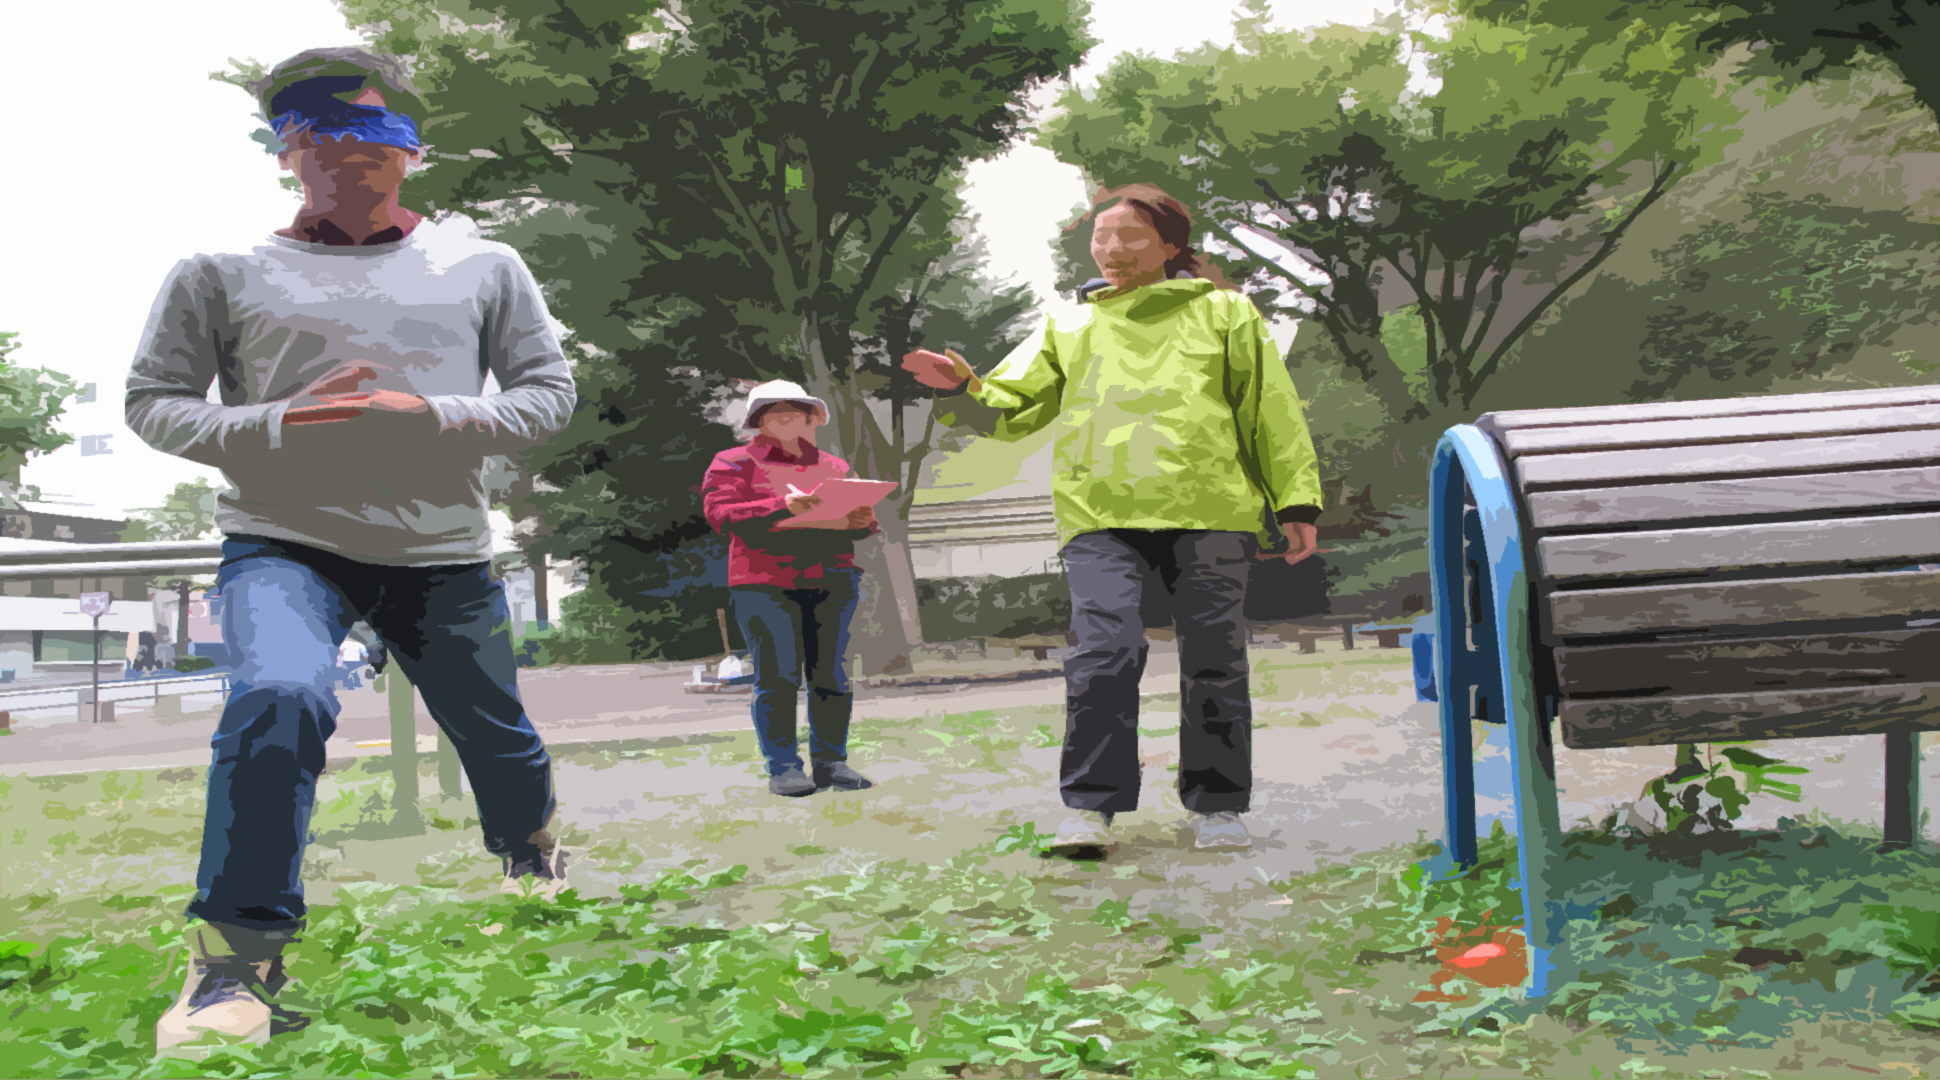 【受講者募集中】 楽しさ・学び・発達をうながし重大事故を予防する!子どもの体験活動リスクマネジメント基礎 講座 <ASL資格認定 講座>